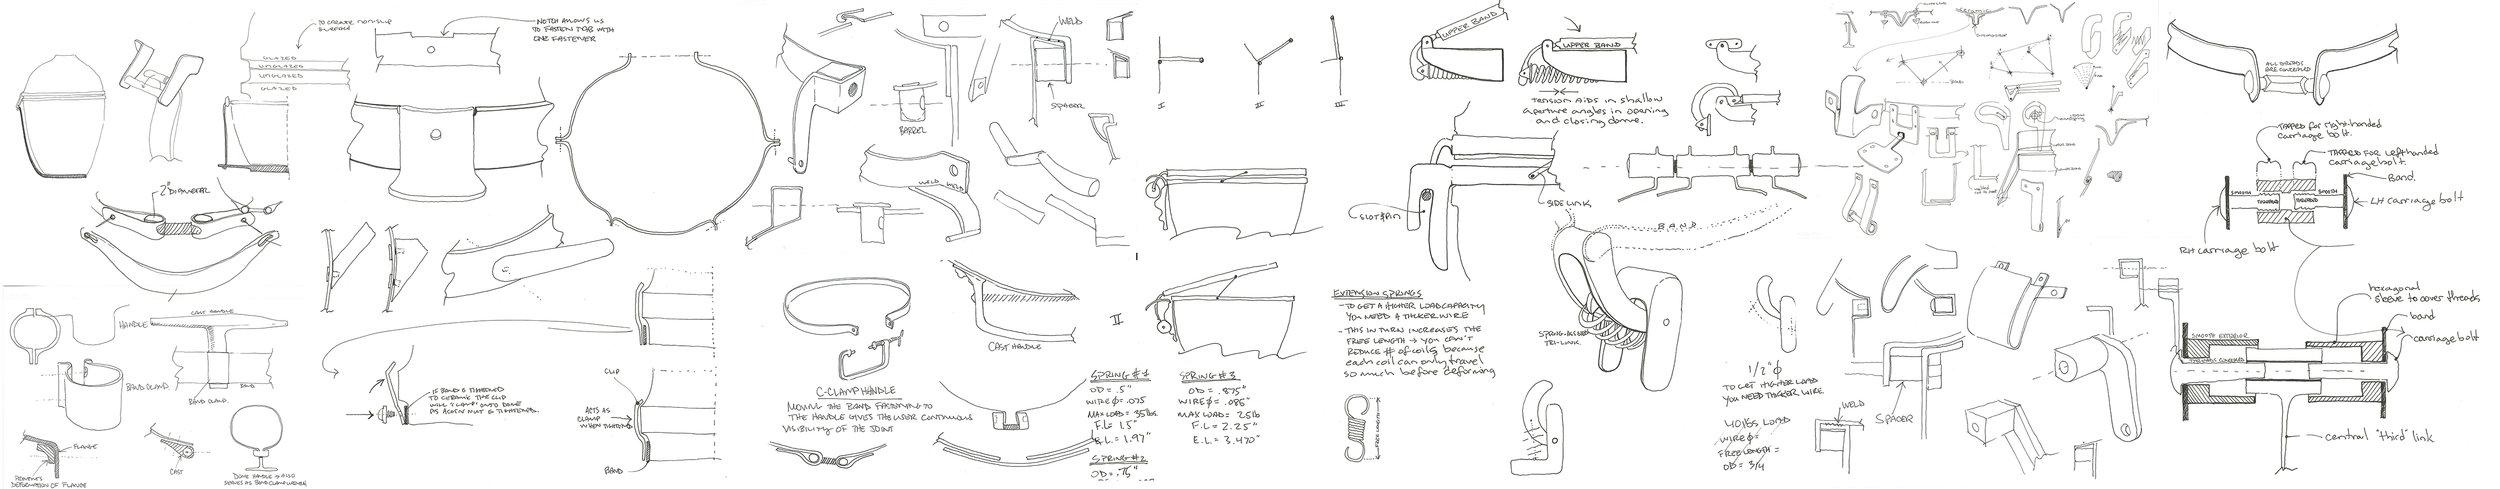 hinge sketch sequence.jpg